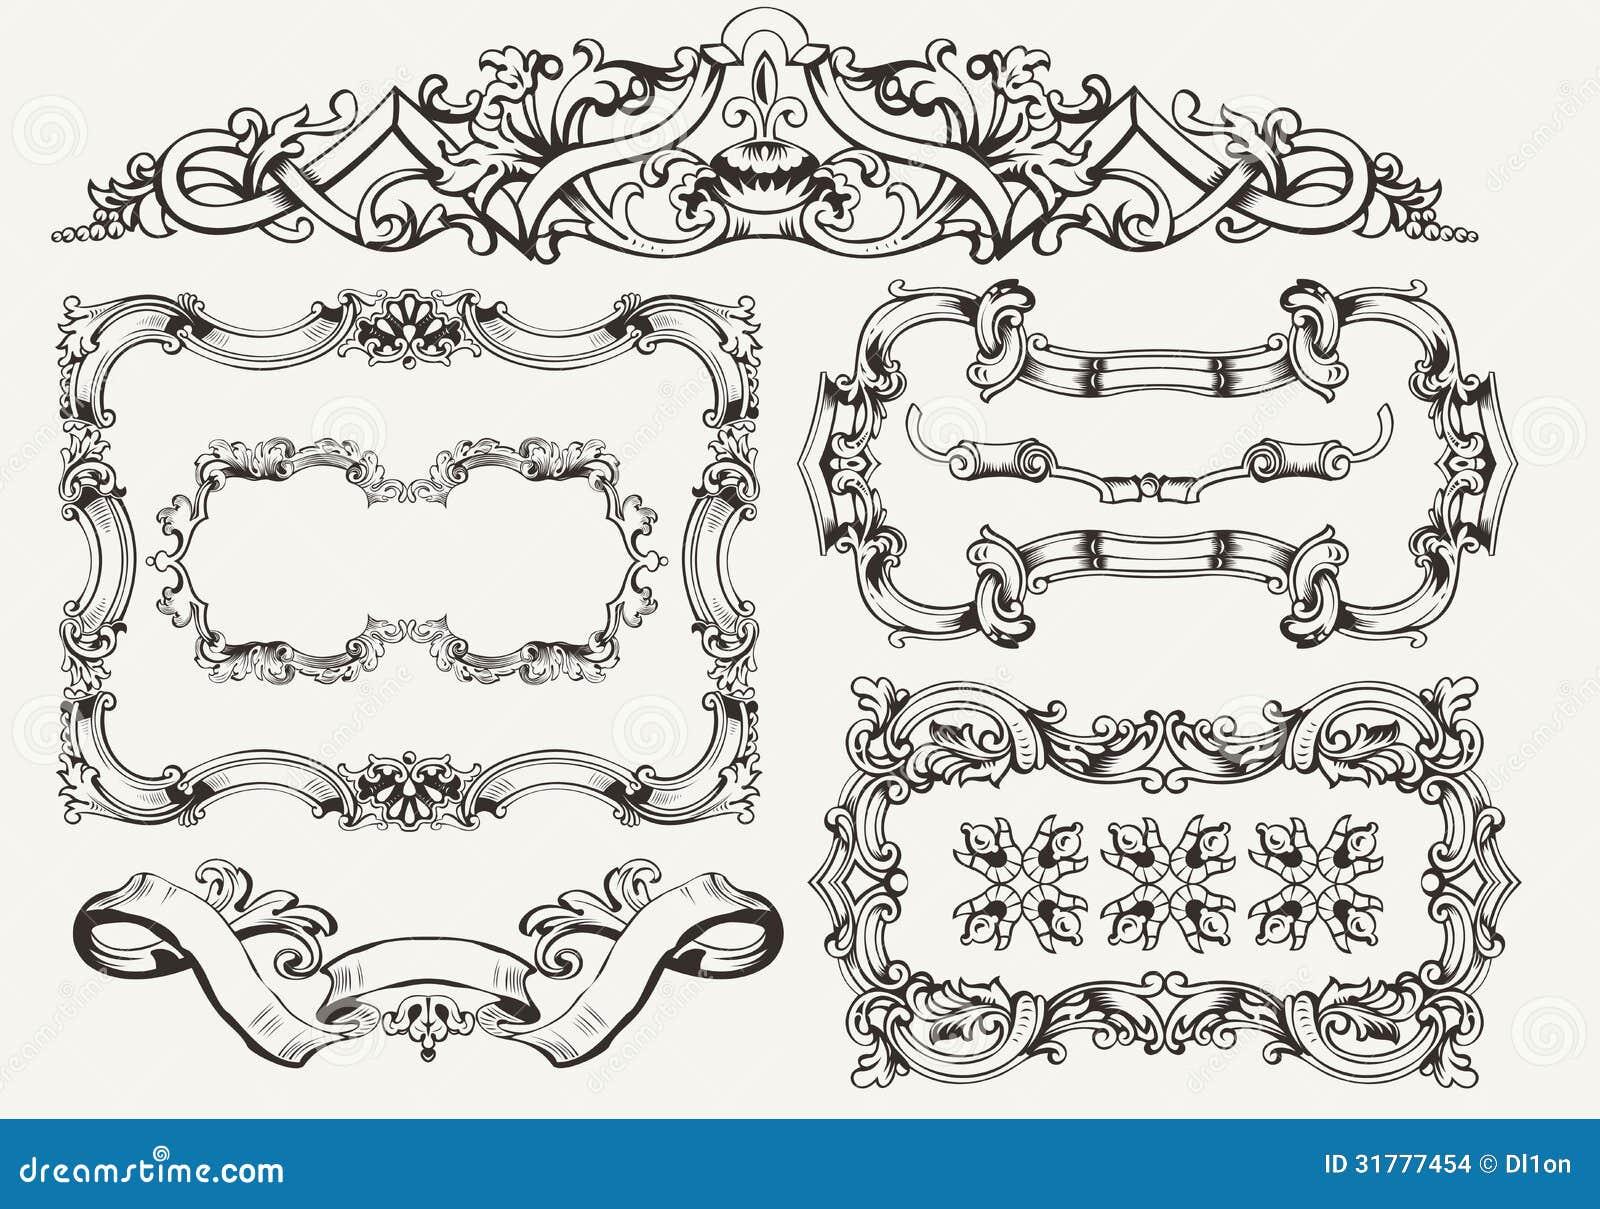 Vector set: ornate vintage frames